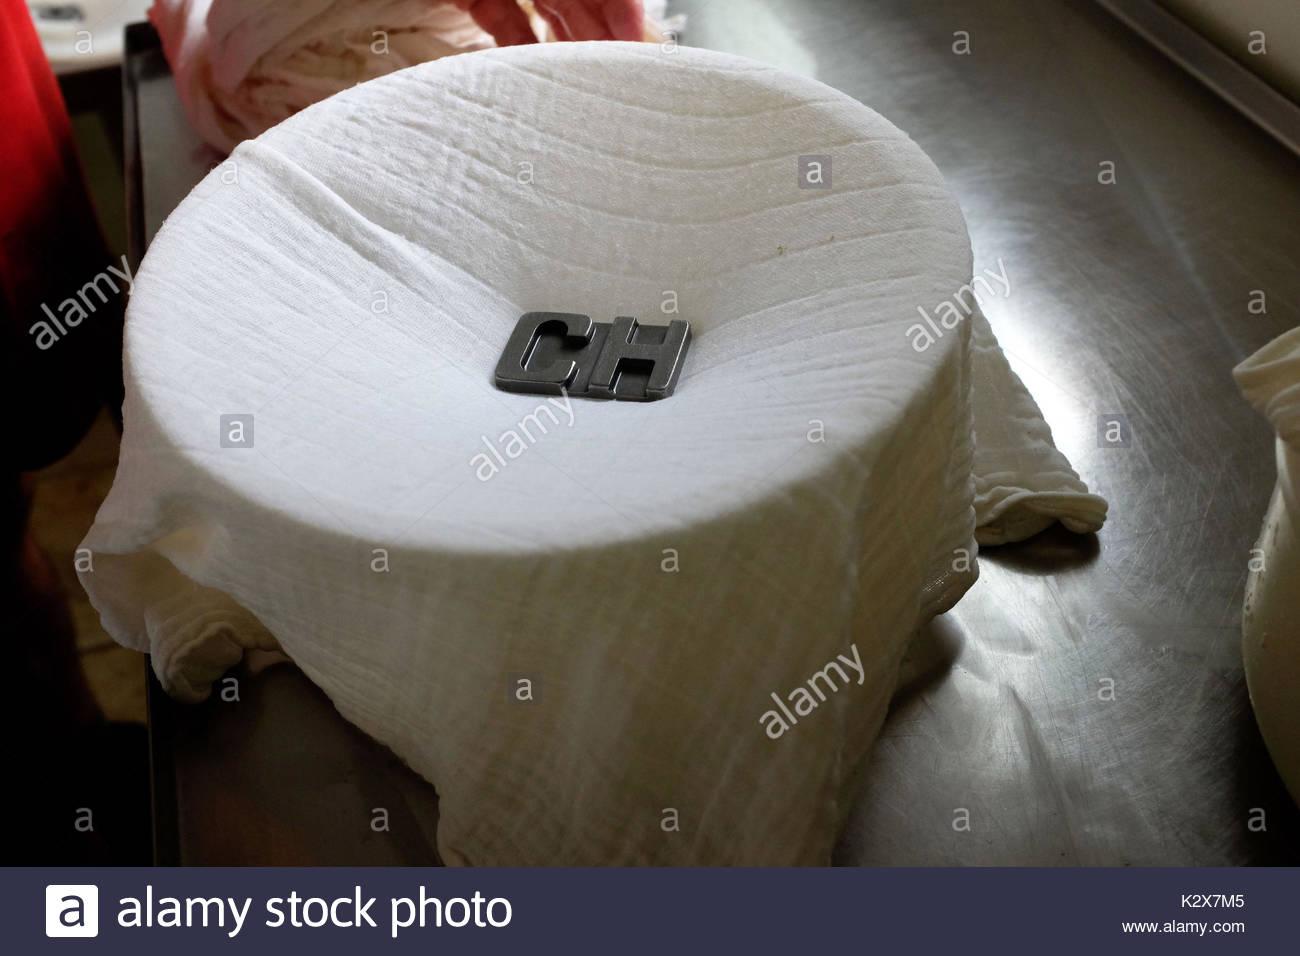 France, Nouvelle-Aquitaine, Pyrenees Atlantiques, Fichous Riumayou, la marque du fromager est placee avant de poser le fromage, ici les initiales de CASASSUS HENRI. *** The cheese brand is placed before placing the cheese, here the initials of CASASSUS HENRI, France, Nouvelle-Aquitaine, Pyrenees Atlantiques, Fichous Riumayou - Stock Image